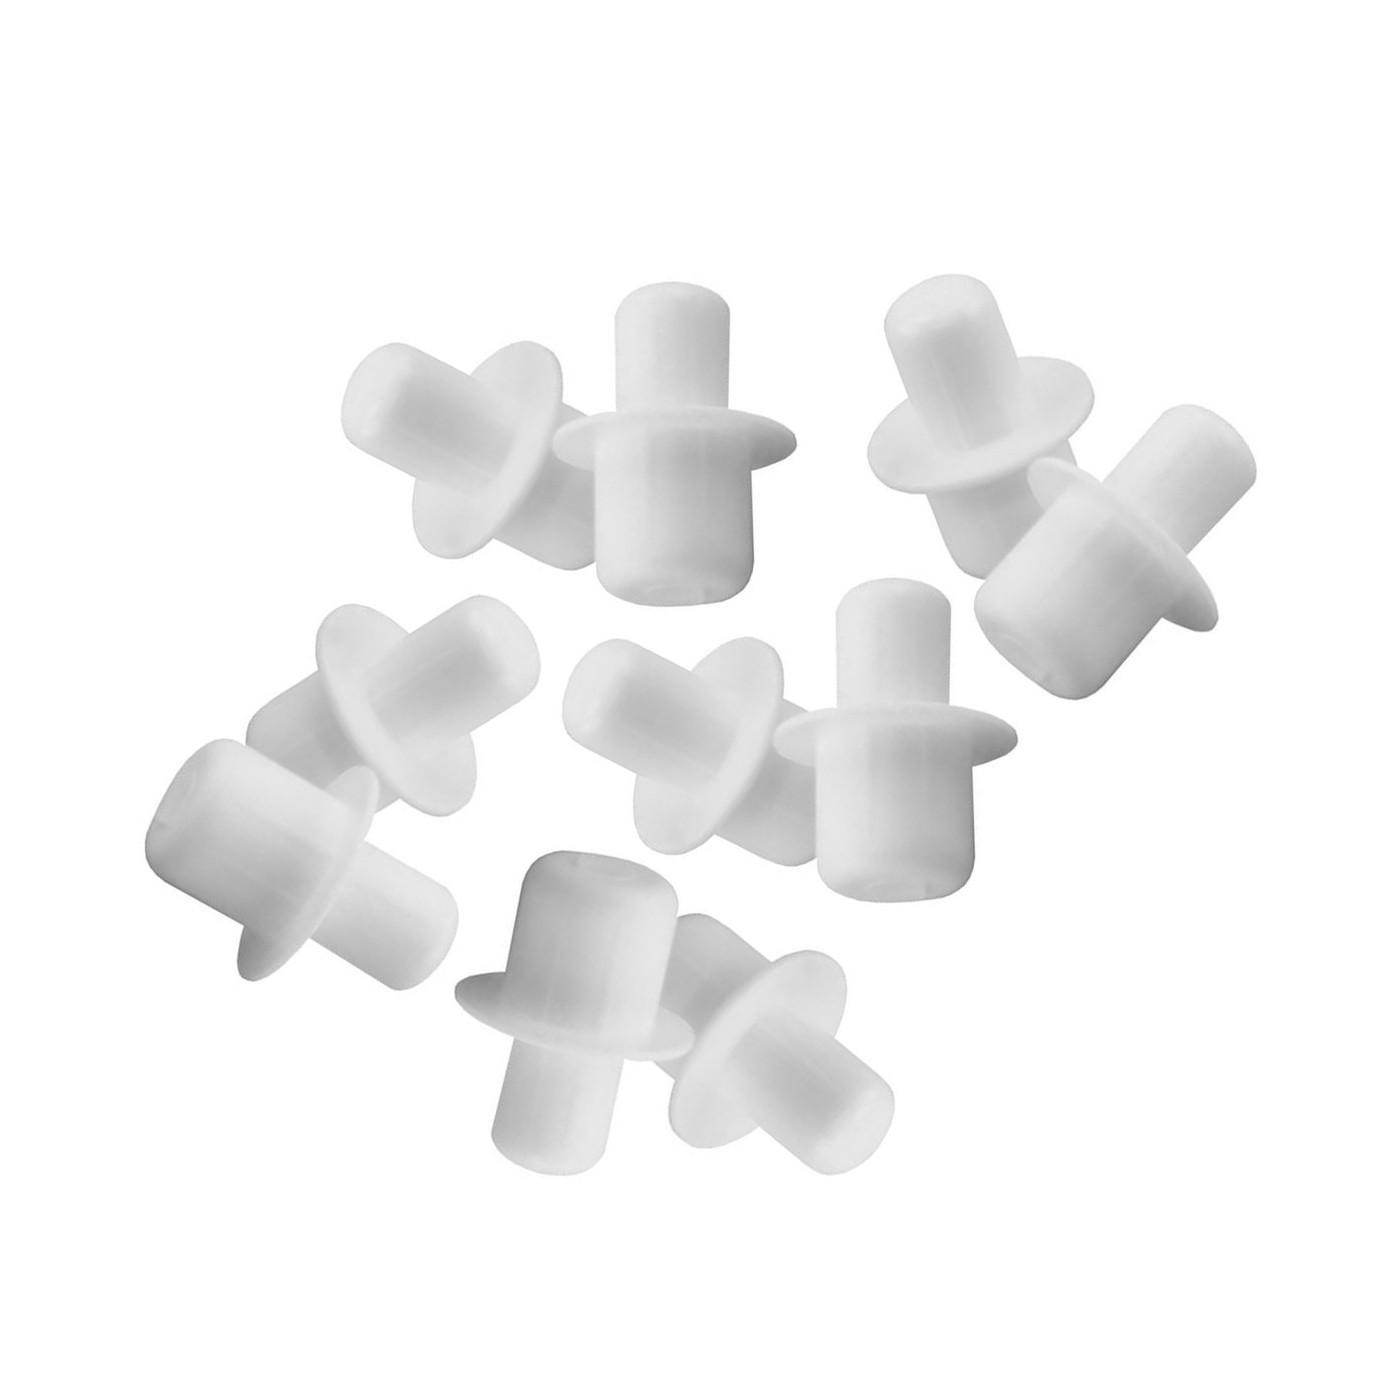 Set von 120 Kunststoff-Regalstützen (weiß, 5&6 mm, 15 mm Länge)